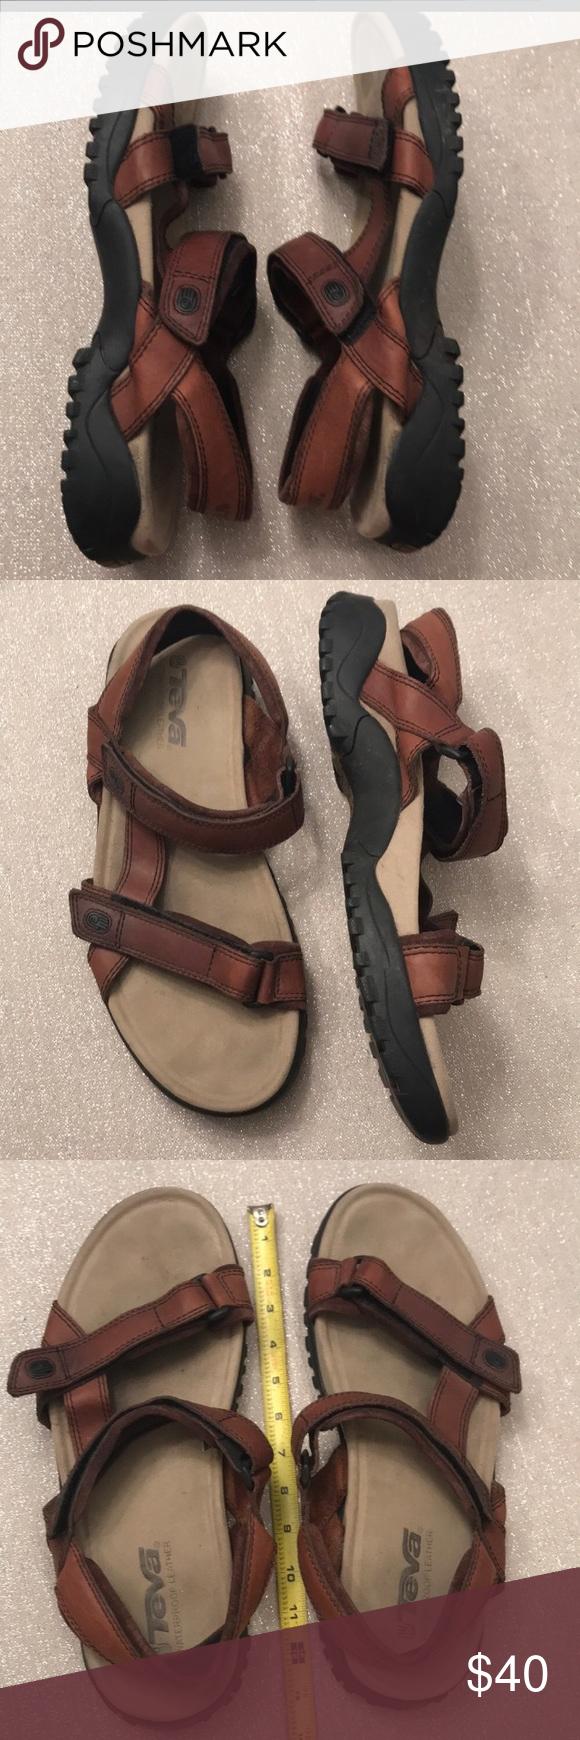 Leather sandals, Sandals, Flip flop sandals